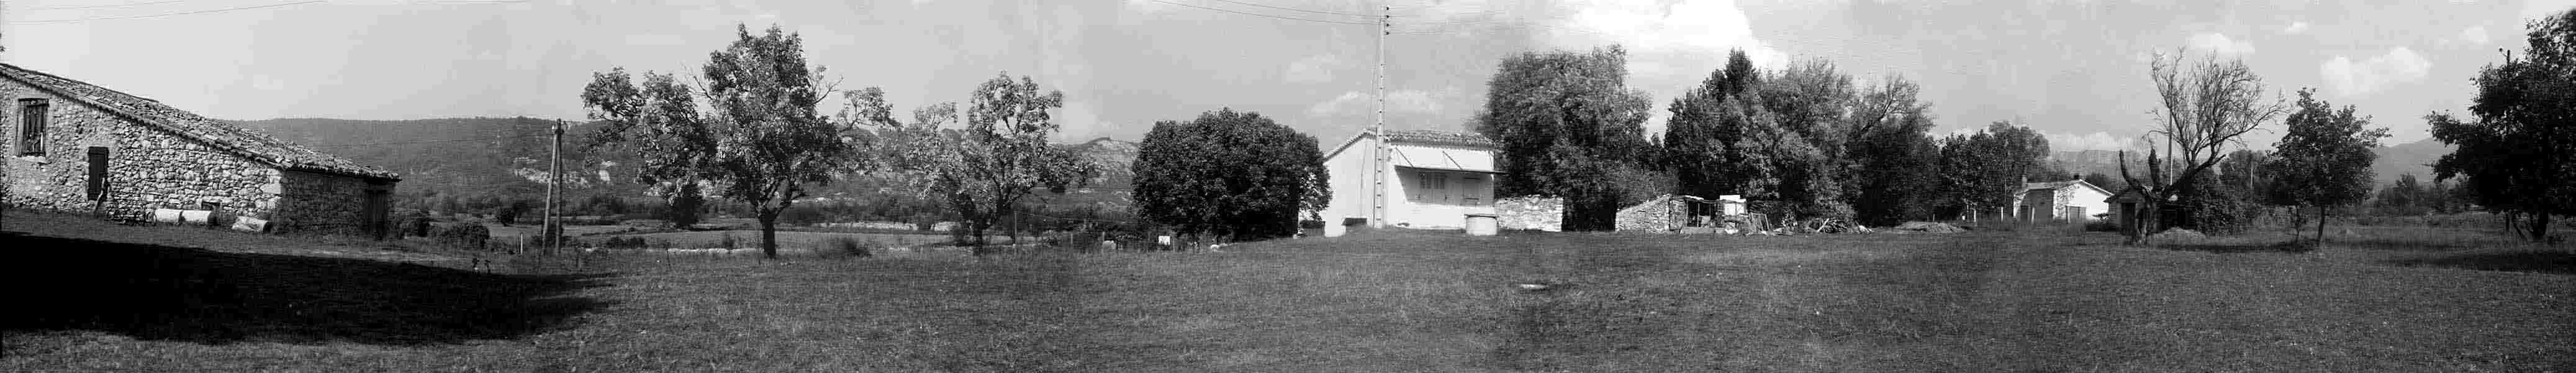 Les Salles, l'aire de Signoret